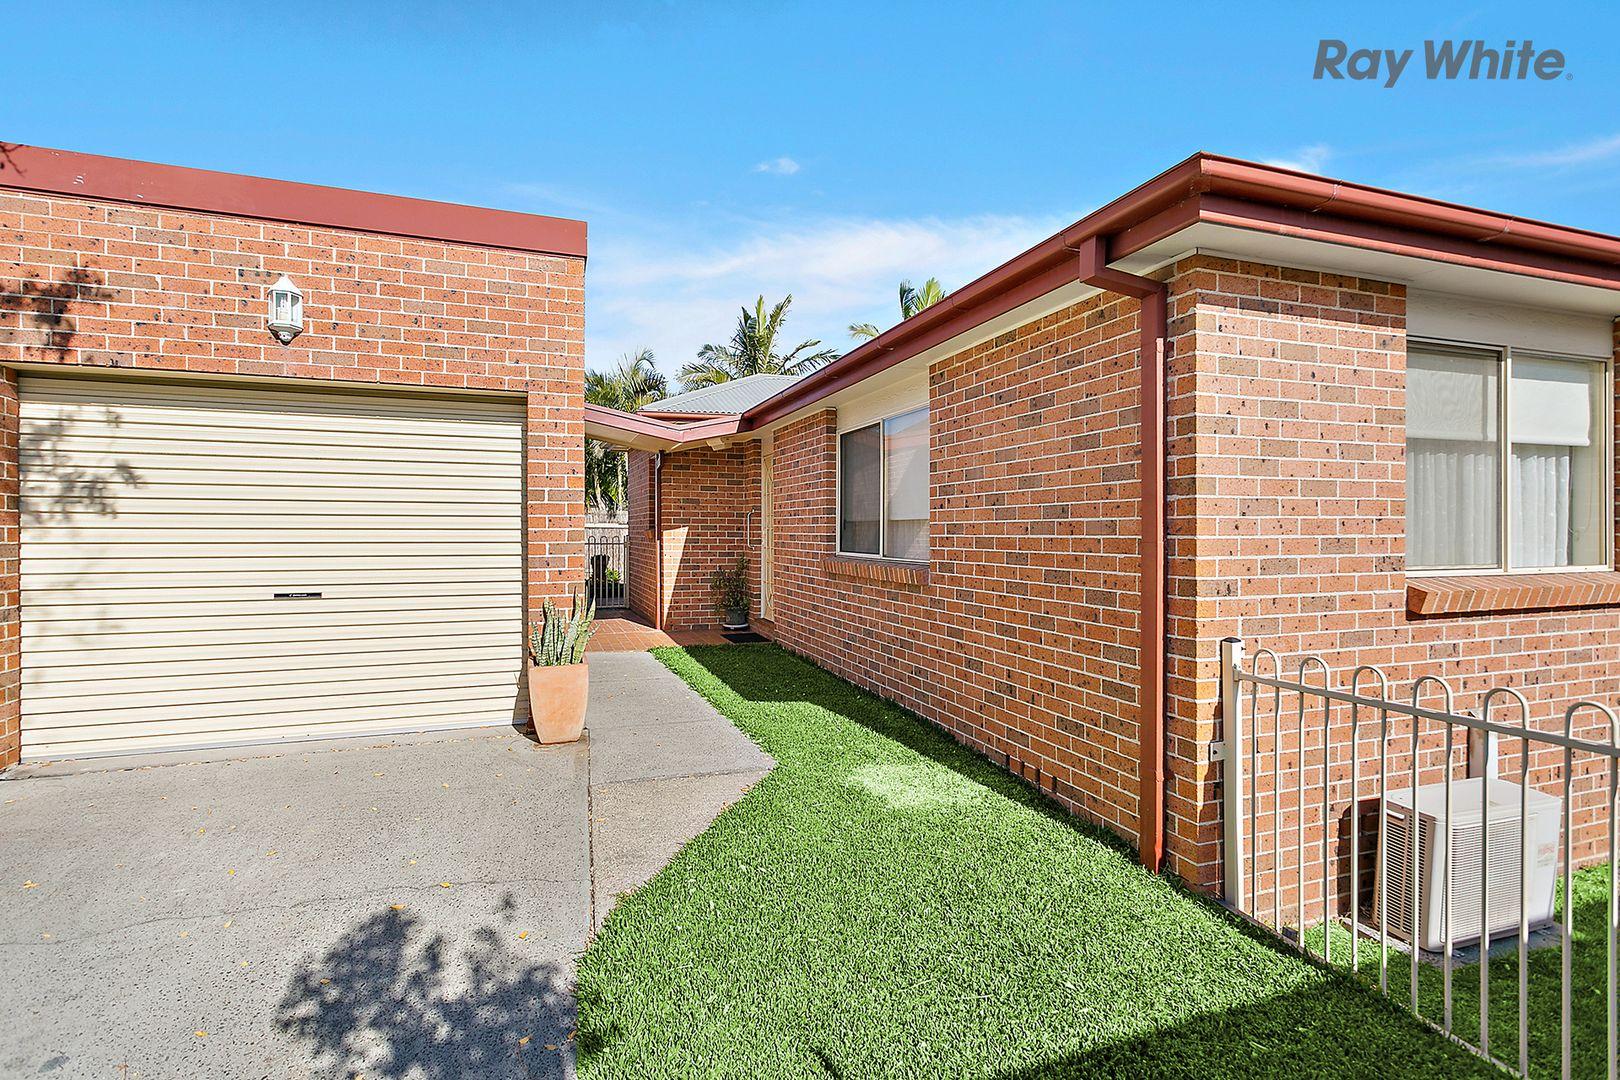 2/37 Griffiths Street, Oak Flats NSW 2529, Image 0